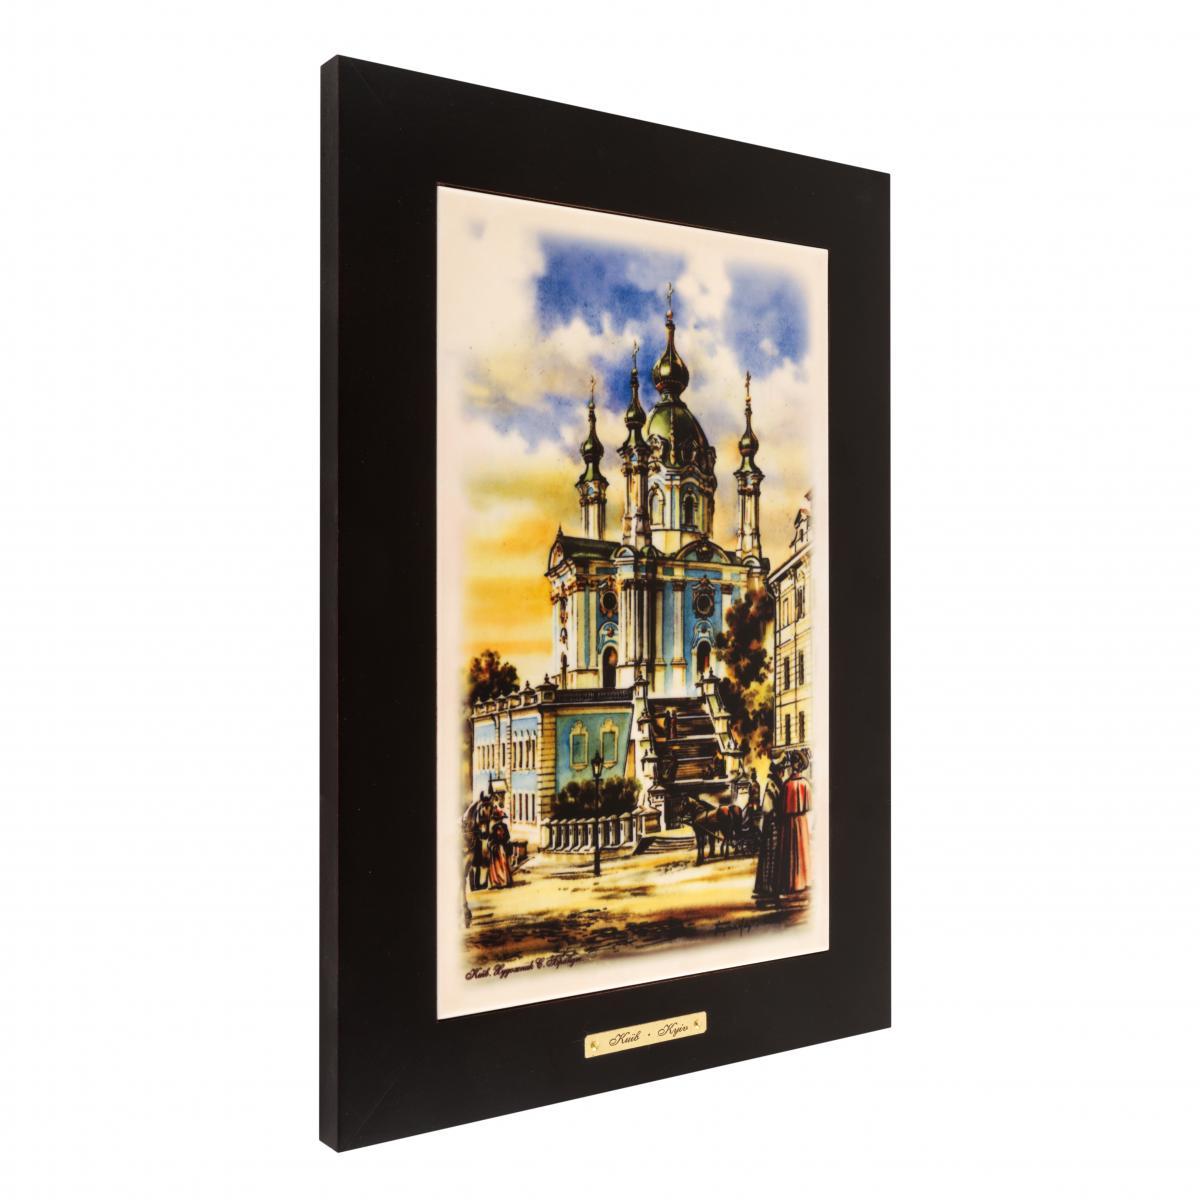 Картина Андріївська церква (кольорова). Фото №2. | Народний дім Україна